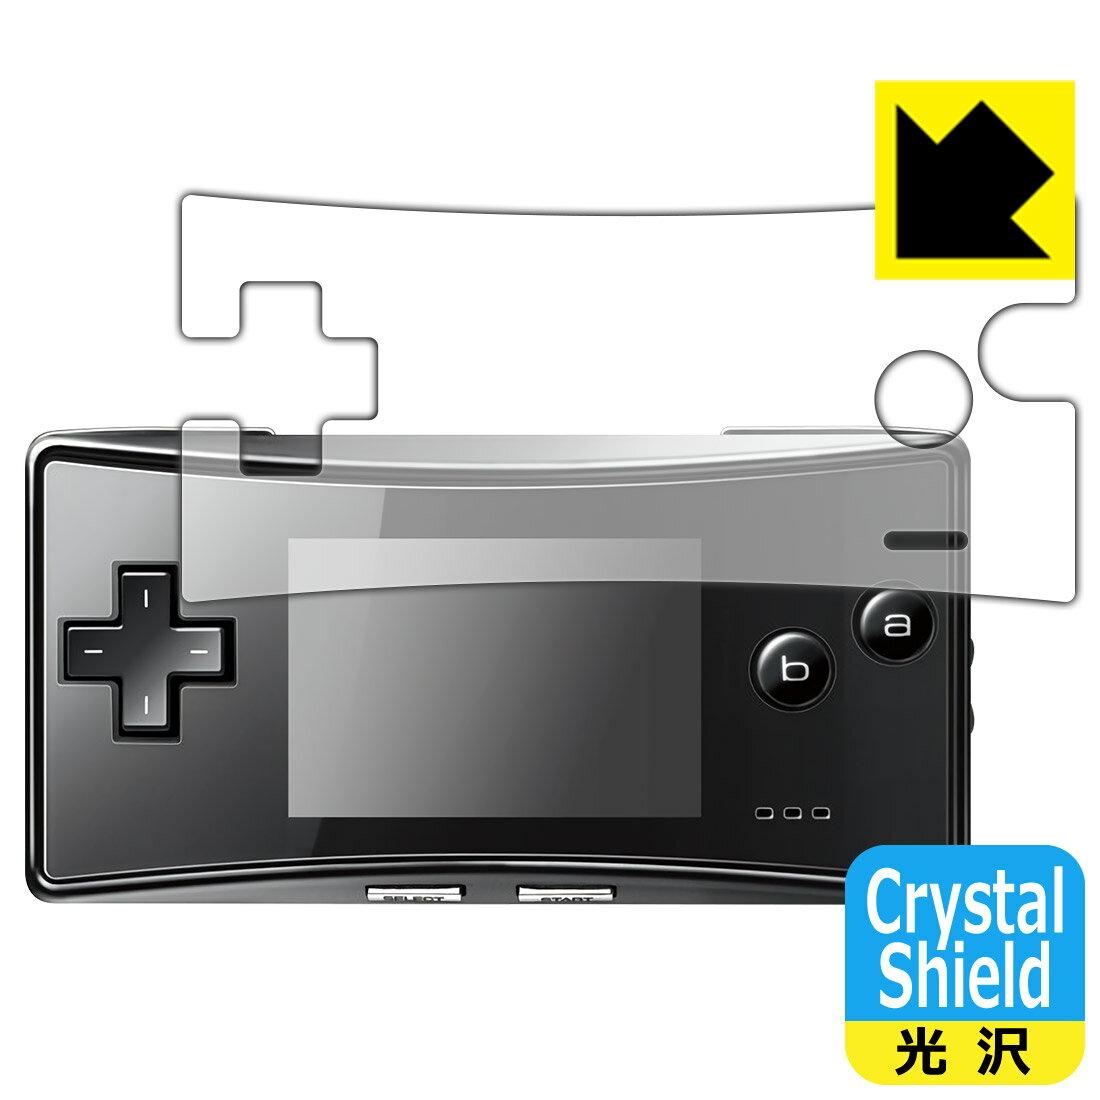 テレビゲーム, その他 Crystal Shield RCPsmtb-kd